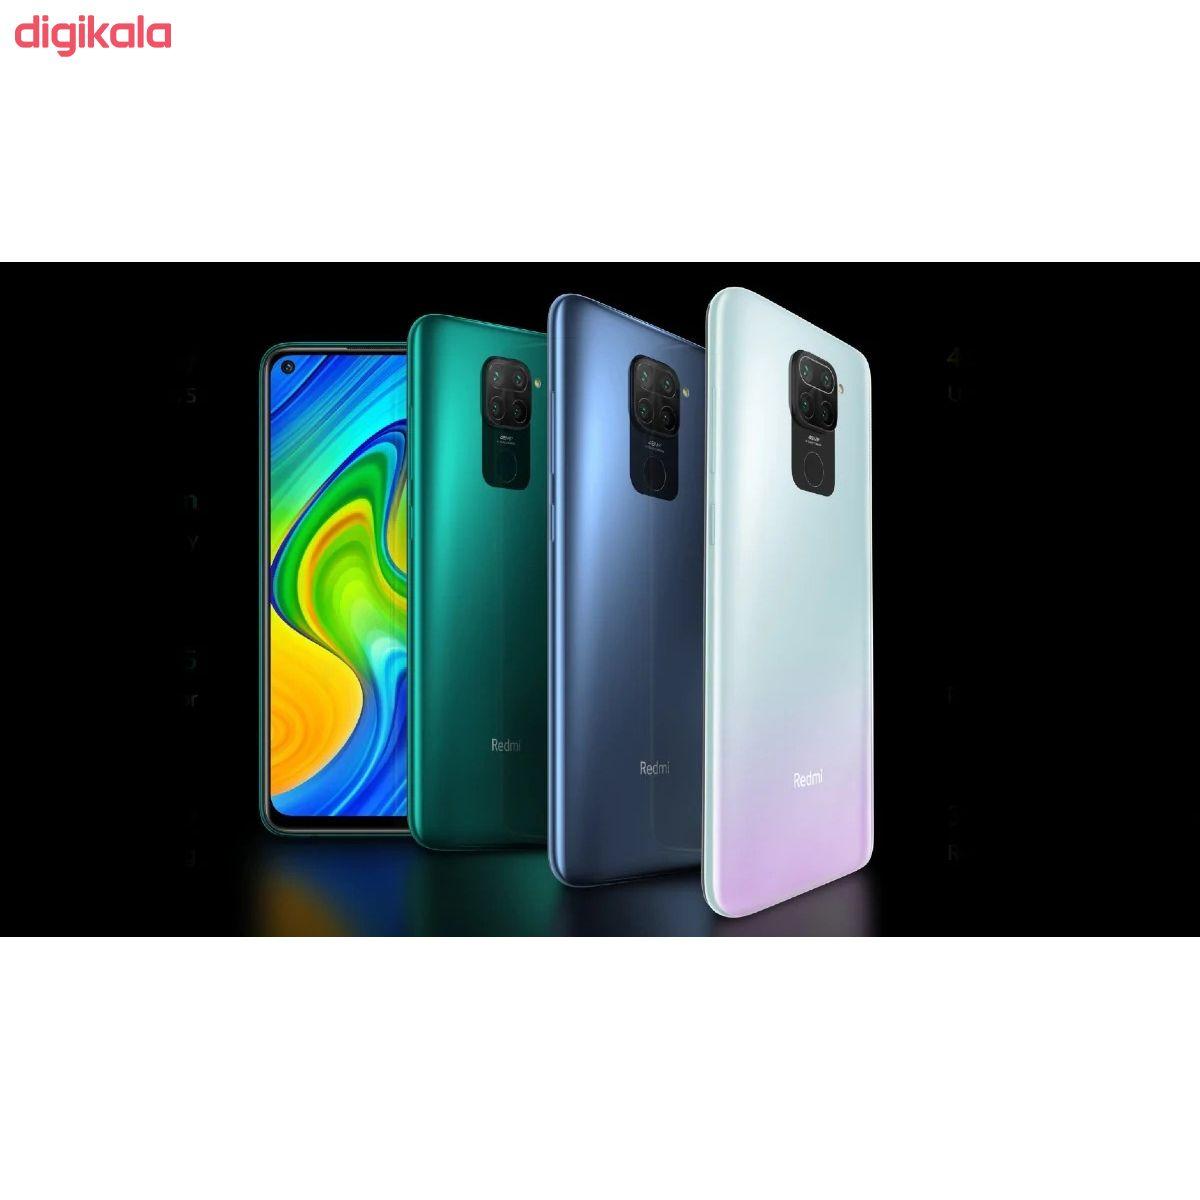 گوشی موبایل شیائومی مدل Redmi Note 9 M2003J15SG دو سیم کارت ظرفیت 128 گیگابایت و رم 4 گیگابایت main 1 3